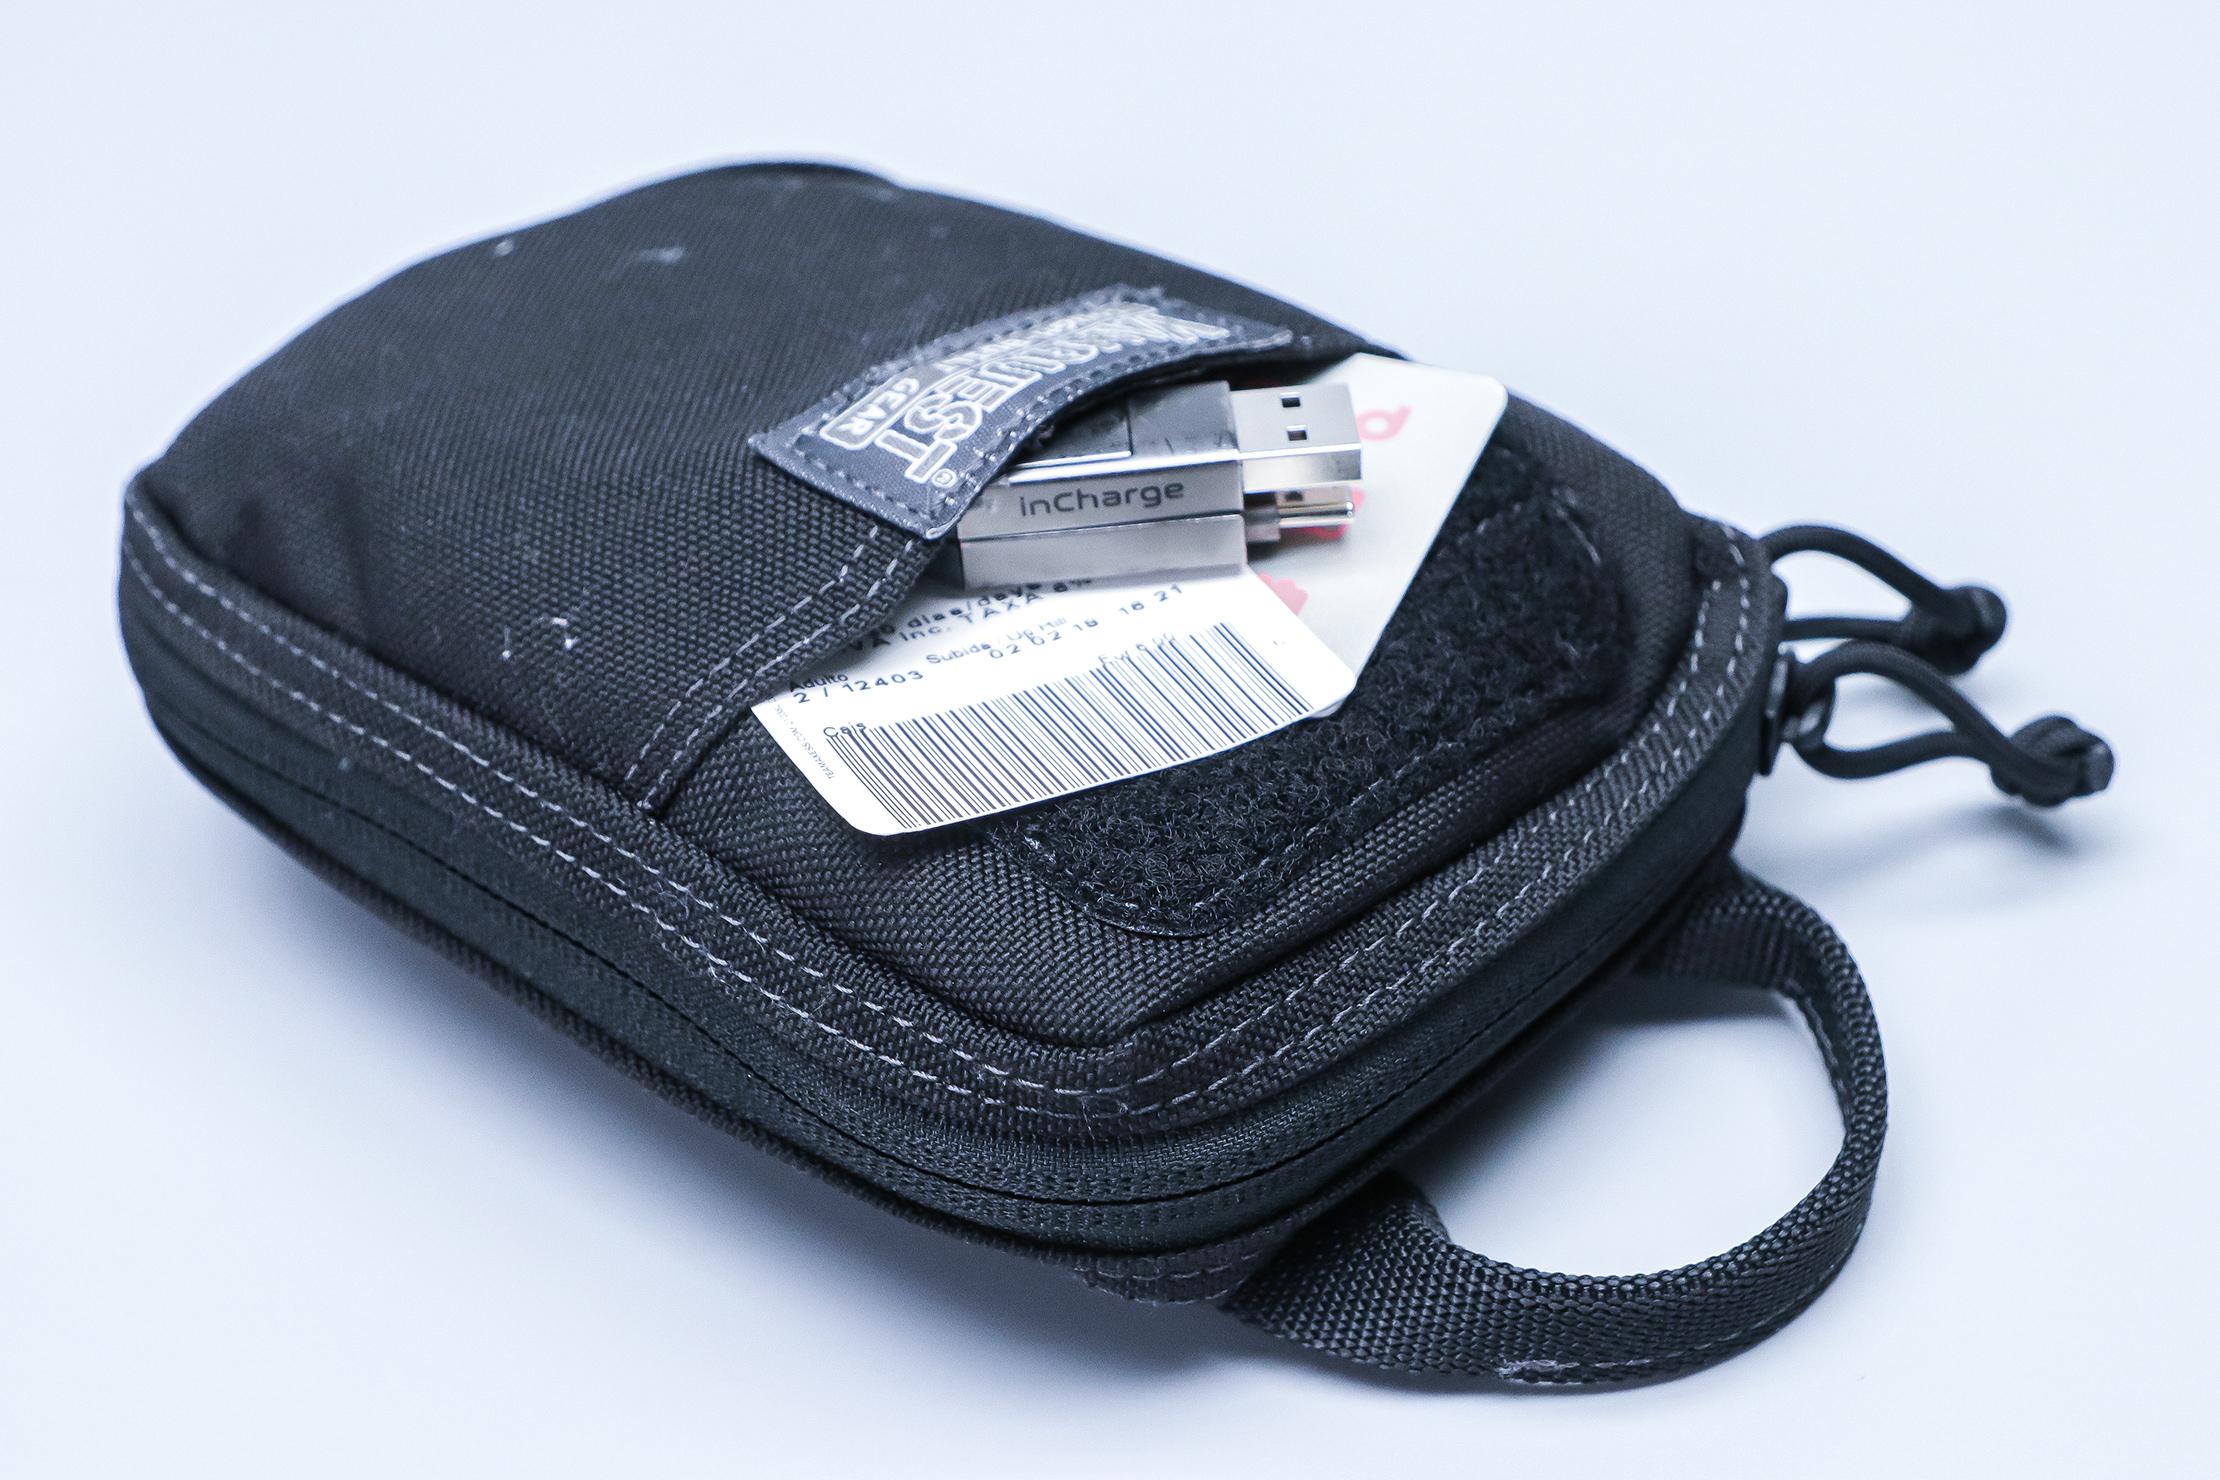 Vanquest PPM-HUSKY 2.0 Front Pocket